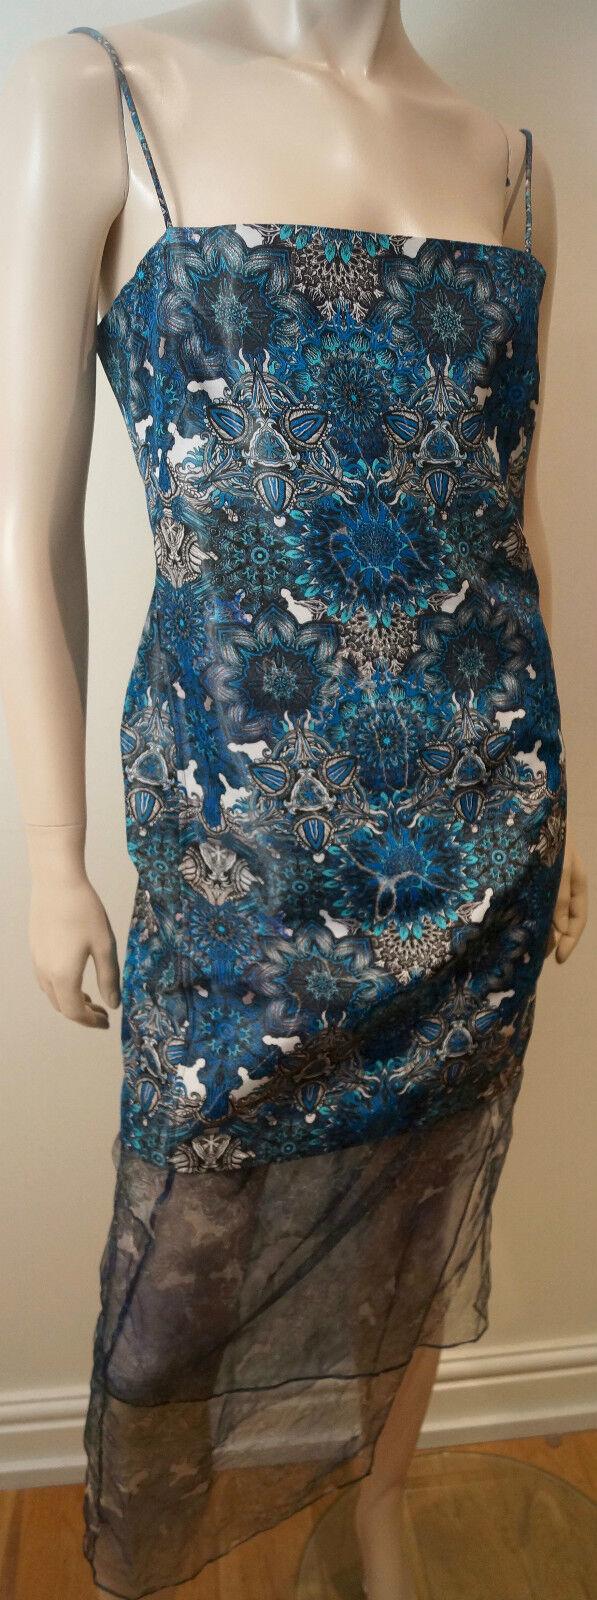 HELMUT LANG Femme Bleu Noir Blanc Imprimé Floral Sans hommeches Robe longue Sz 6 UK10